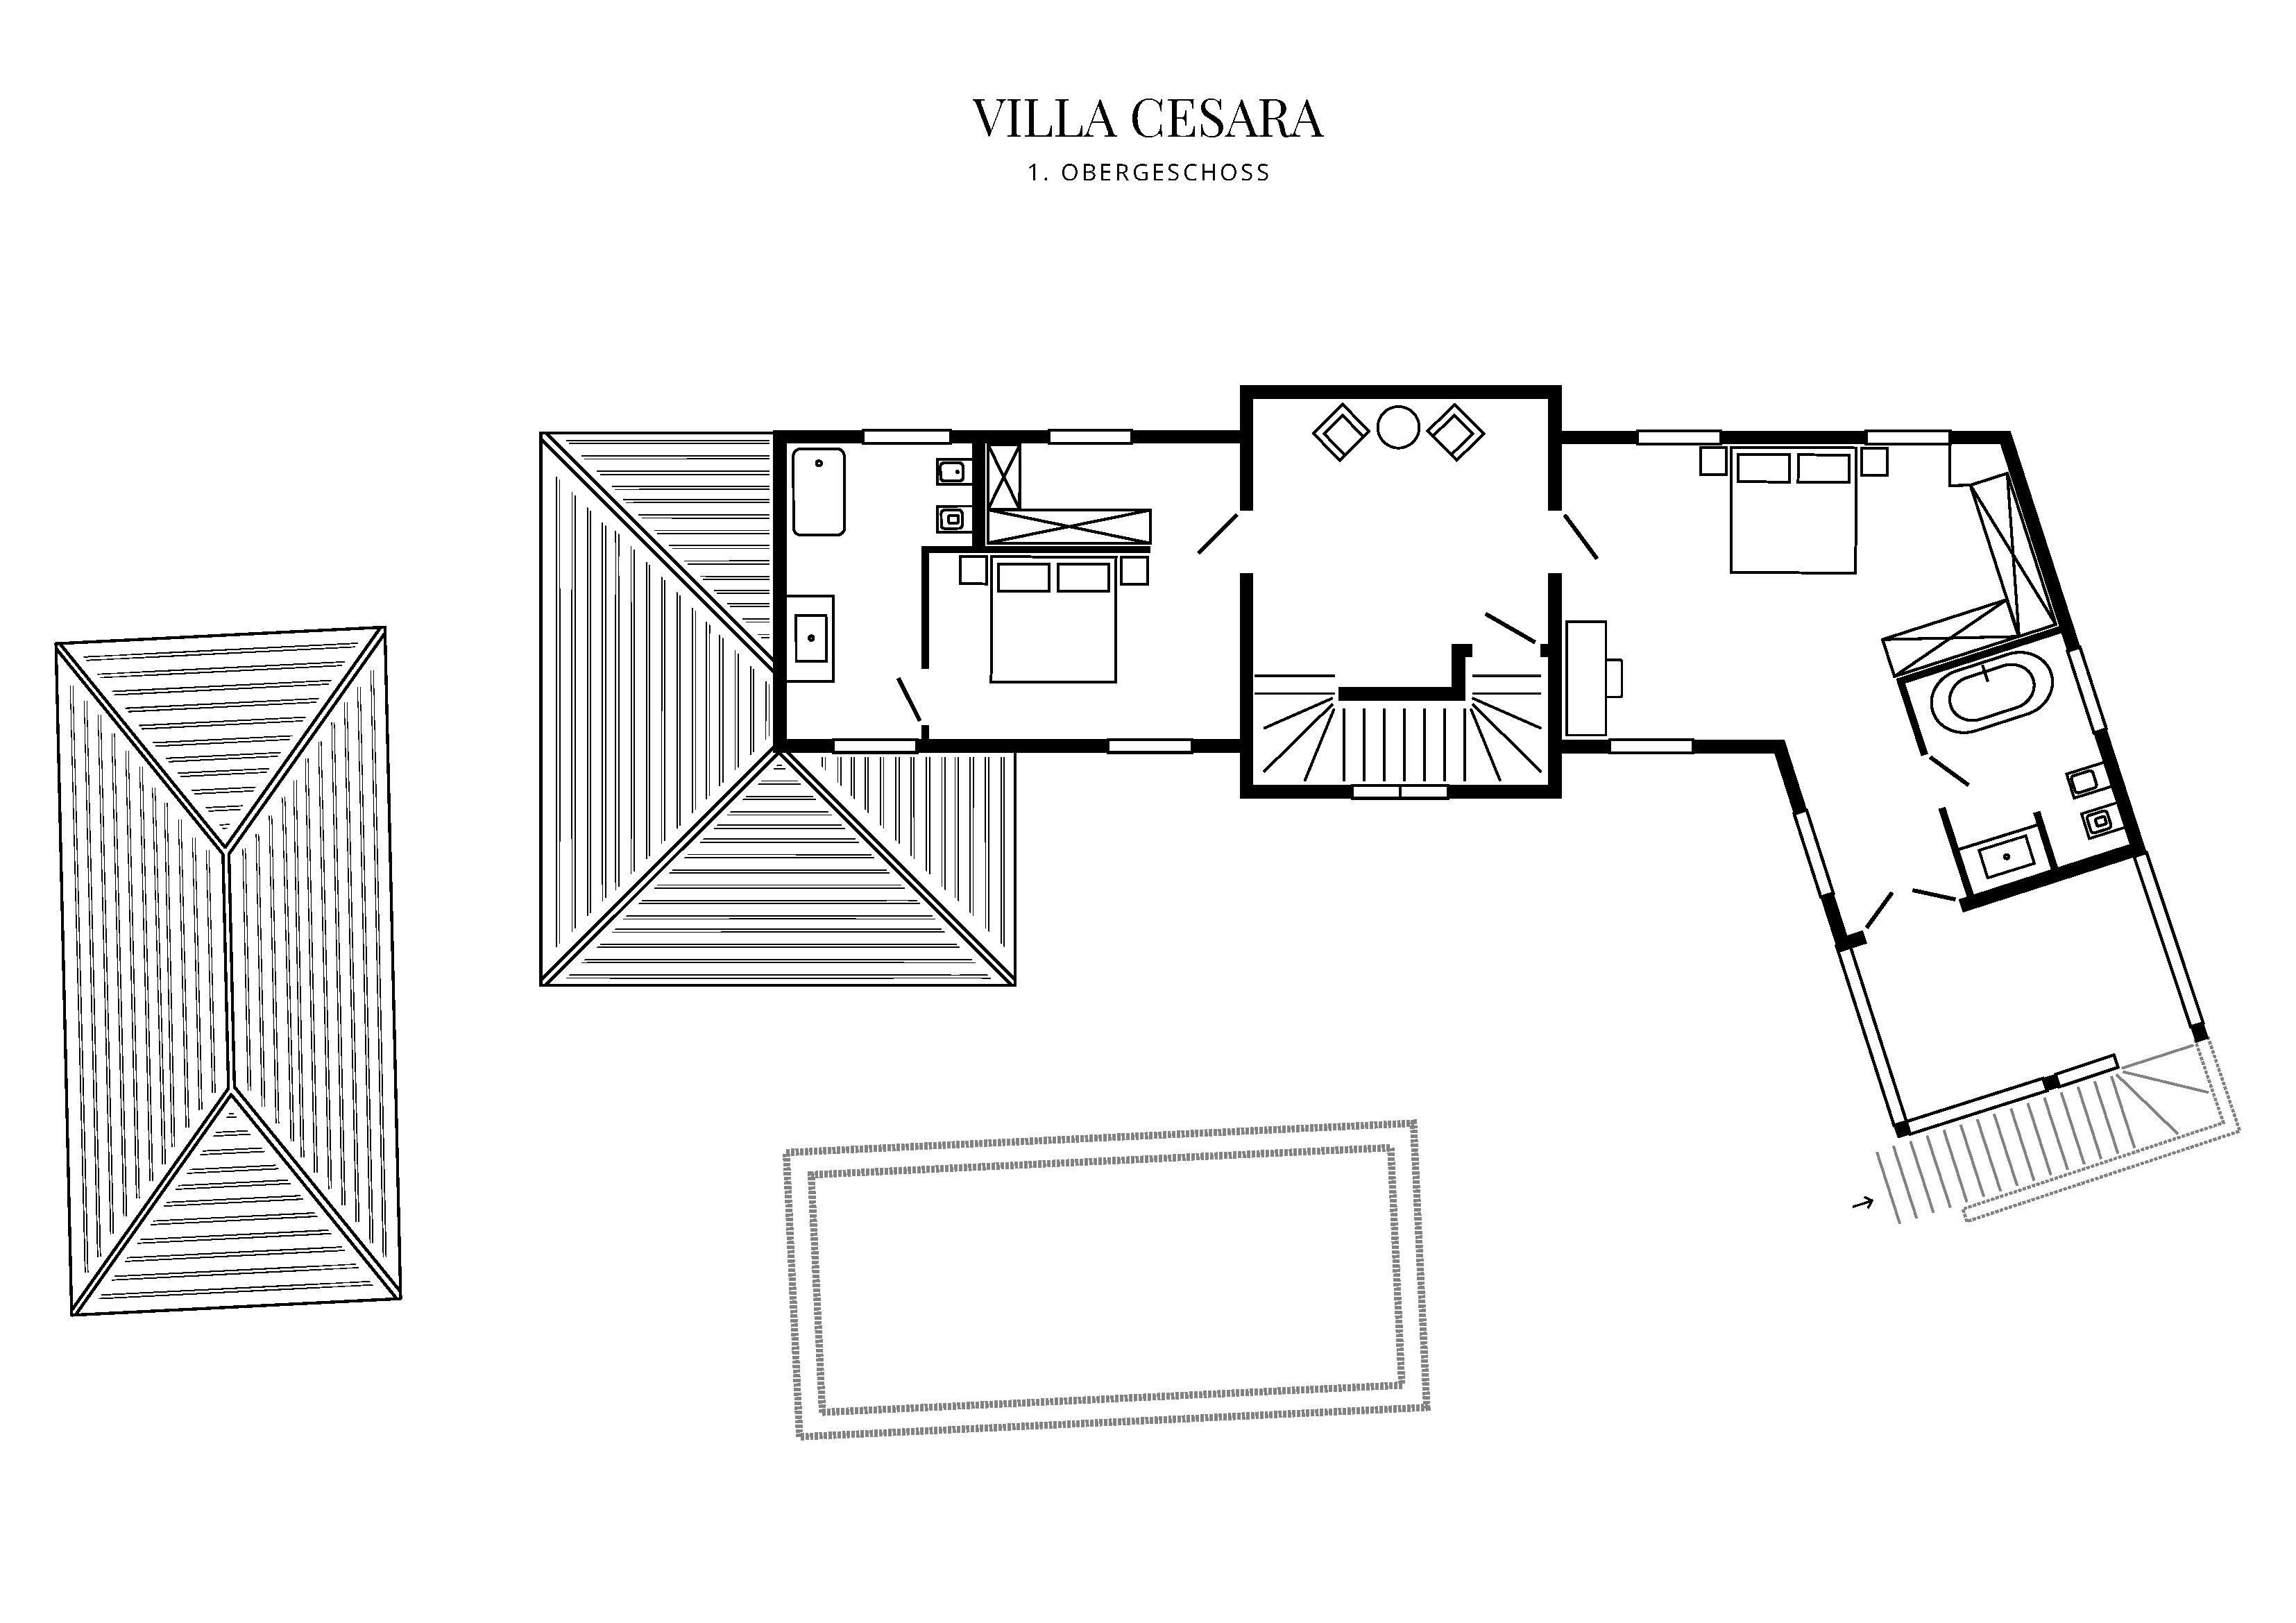 Grafik Grundriss Obergeschoss Villa Cesara